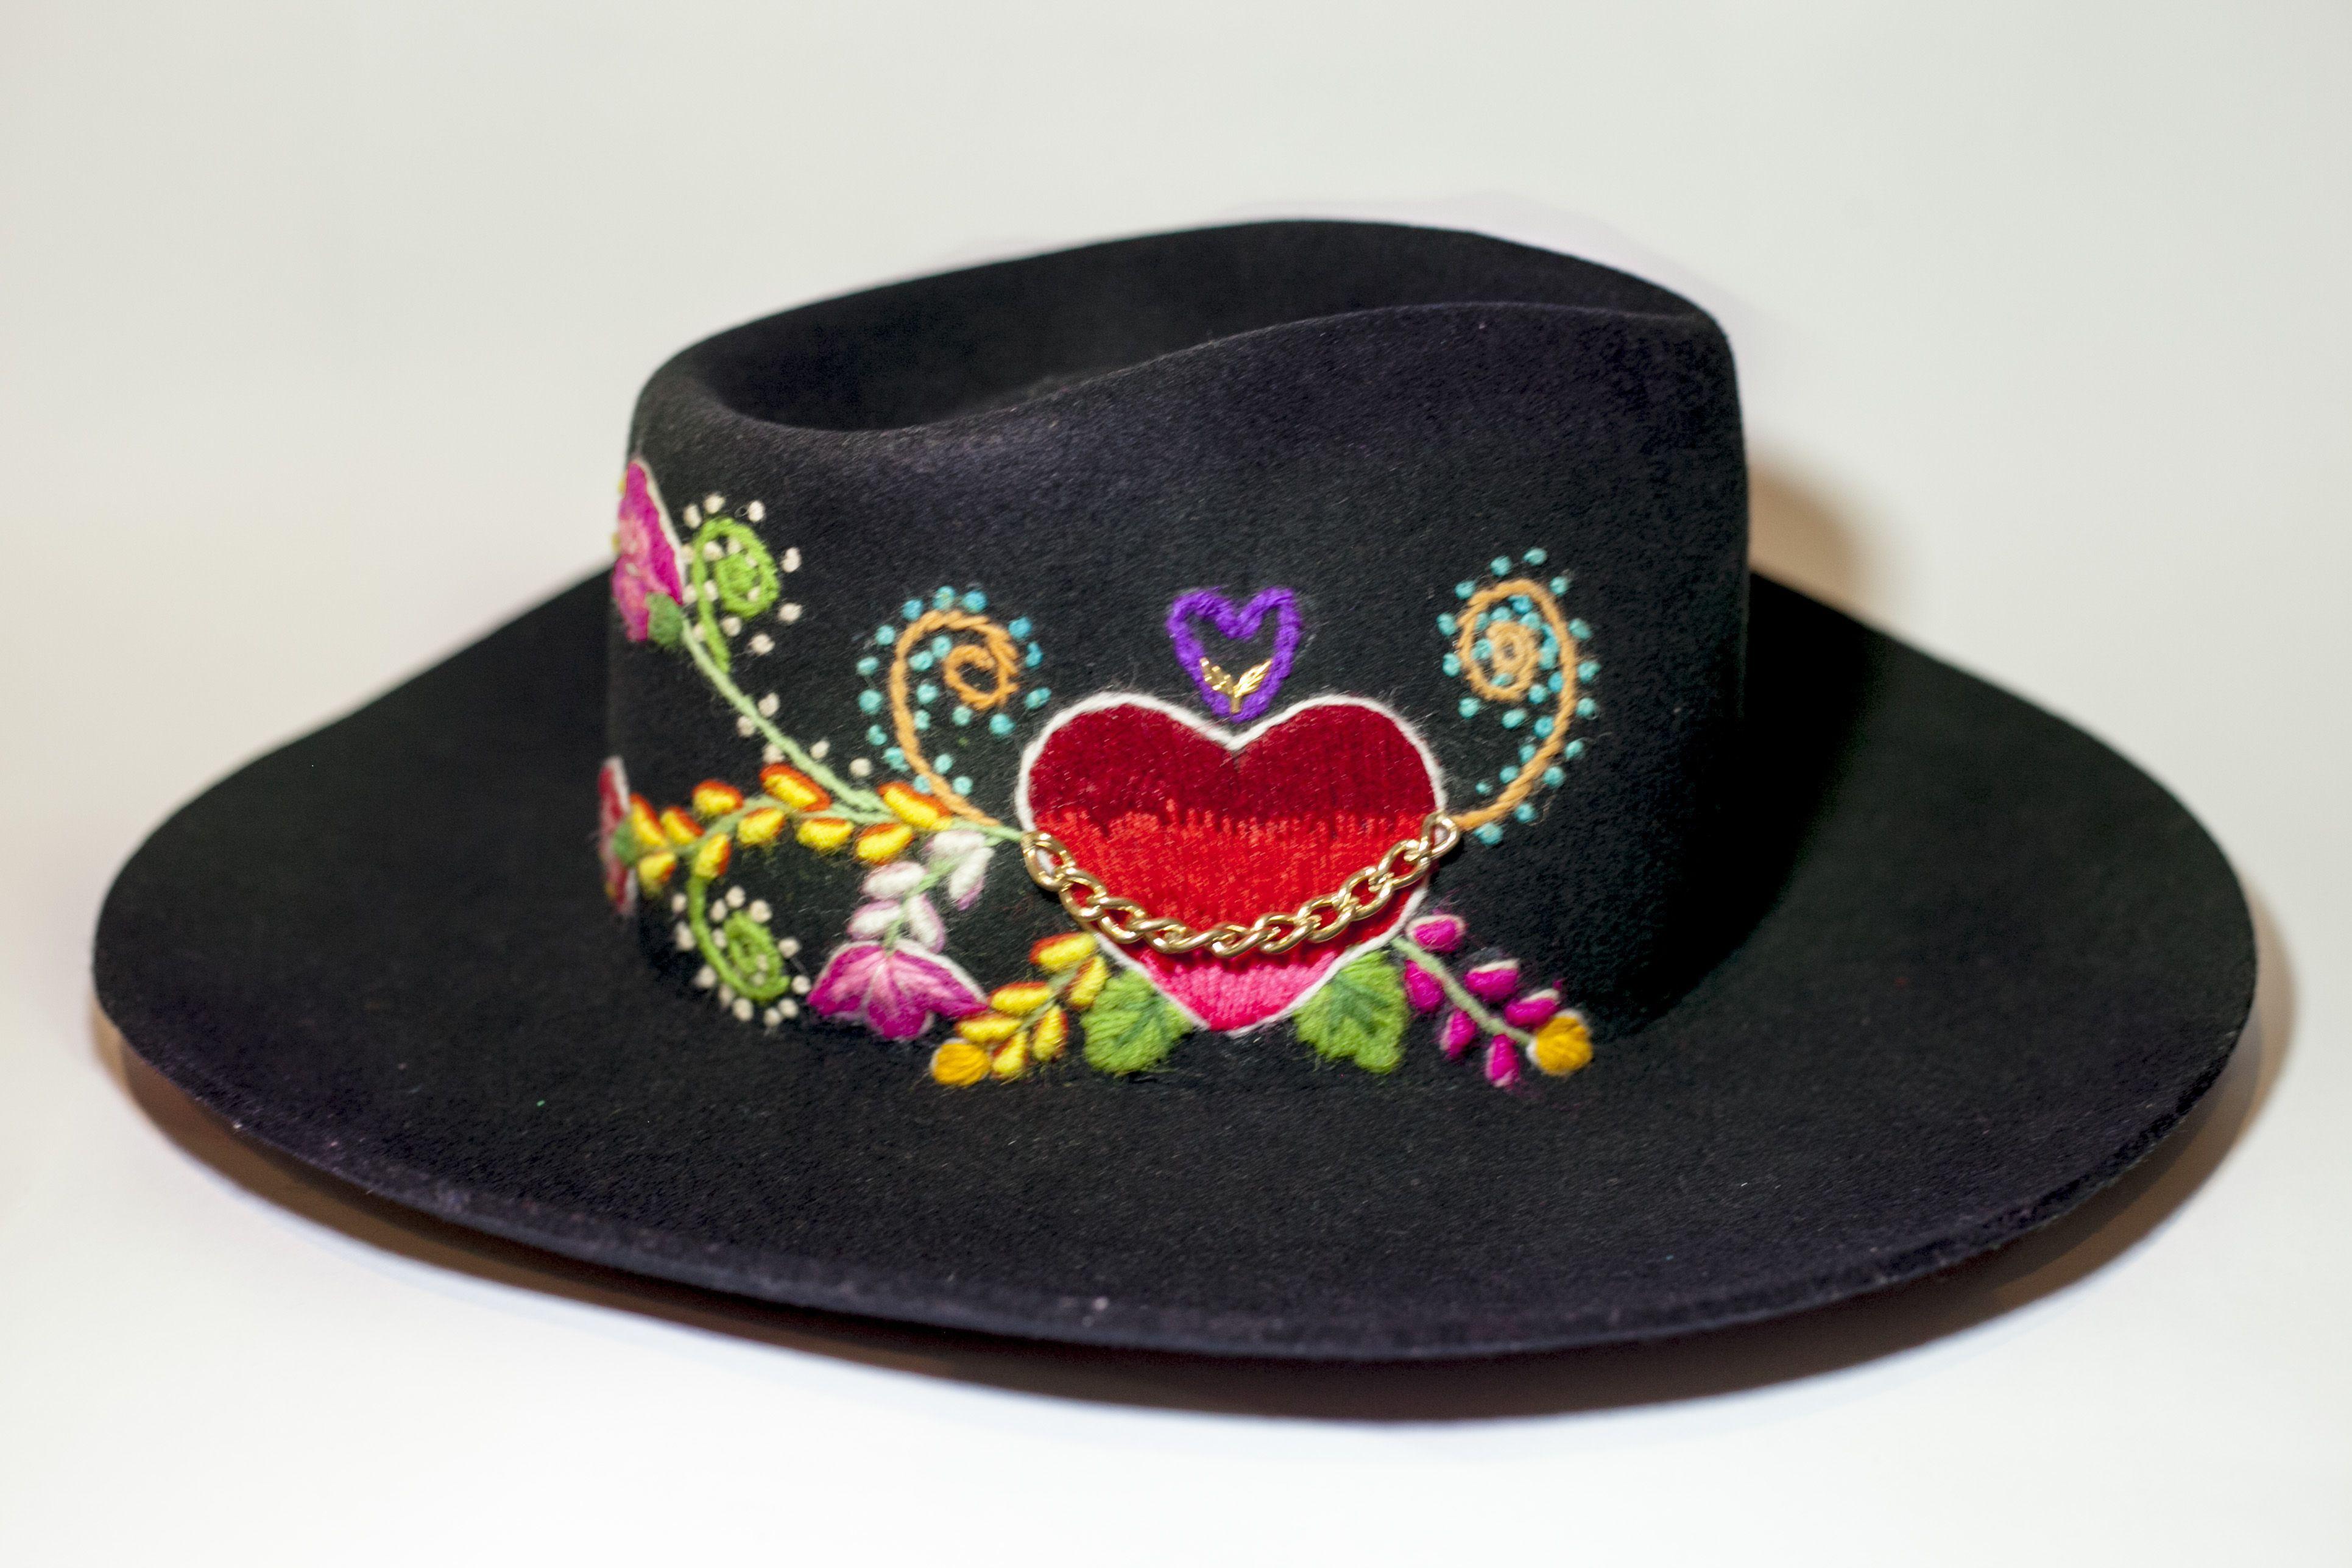 Sombrero mod. Chambergo con bordado inspirado en flores de campo.  #ArteTextilPeruano #SomosLibres #BordadoAyacuchano